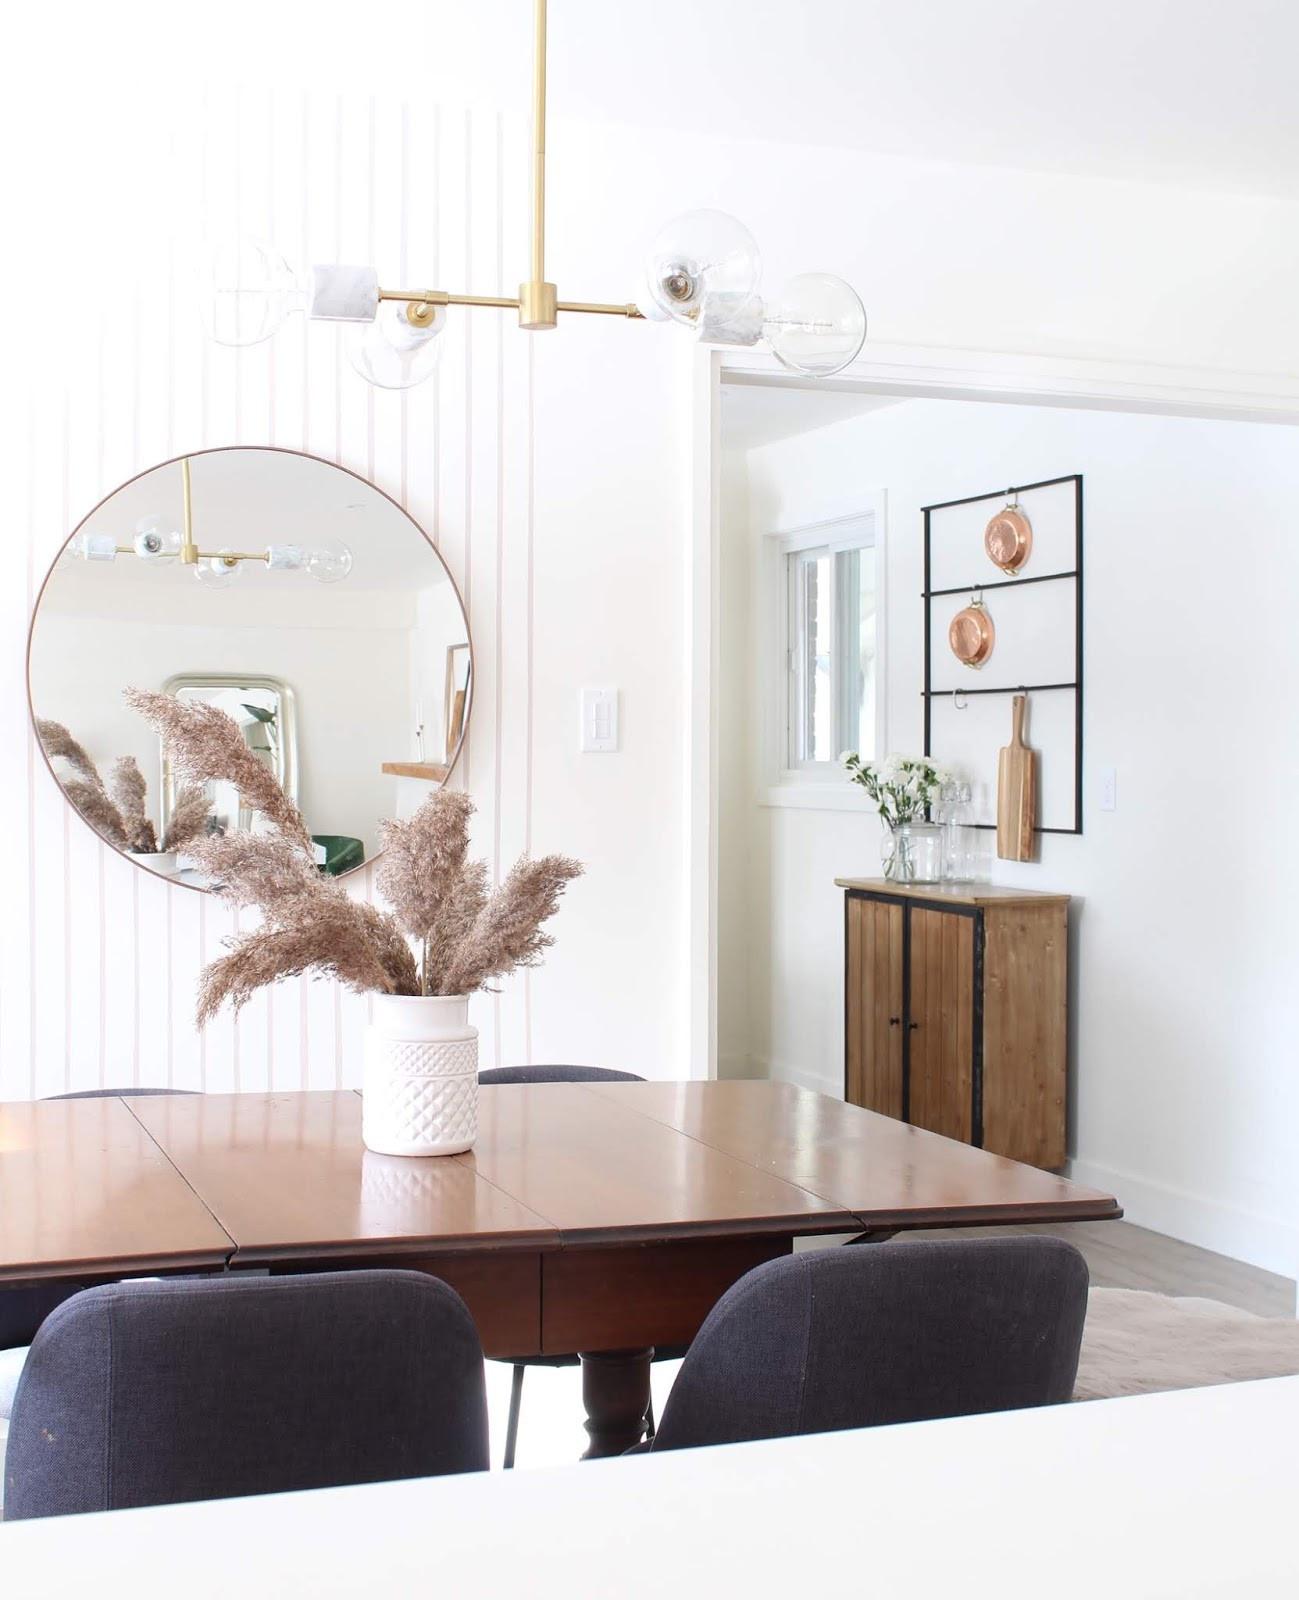 Pot Rack DIY  DIY Wall Mounted Pot Rack Harlow & Thistle Home Design